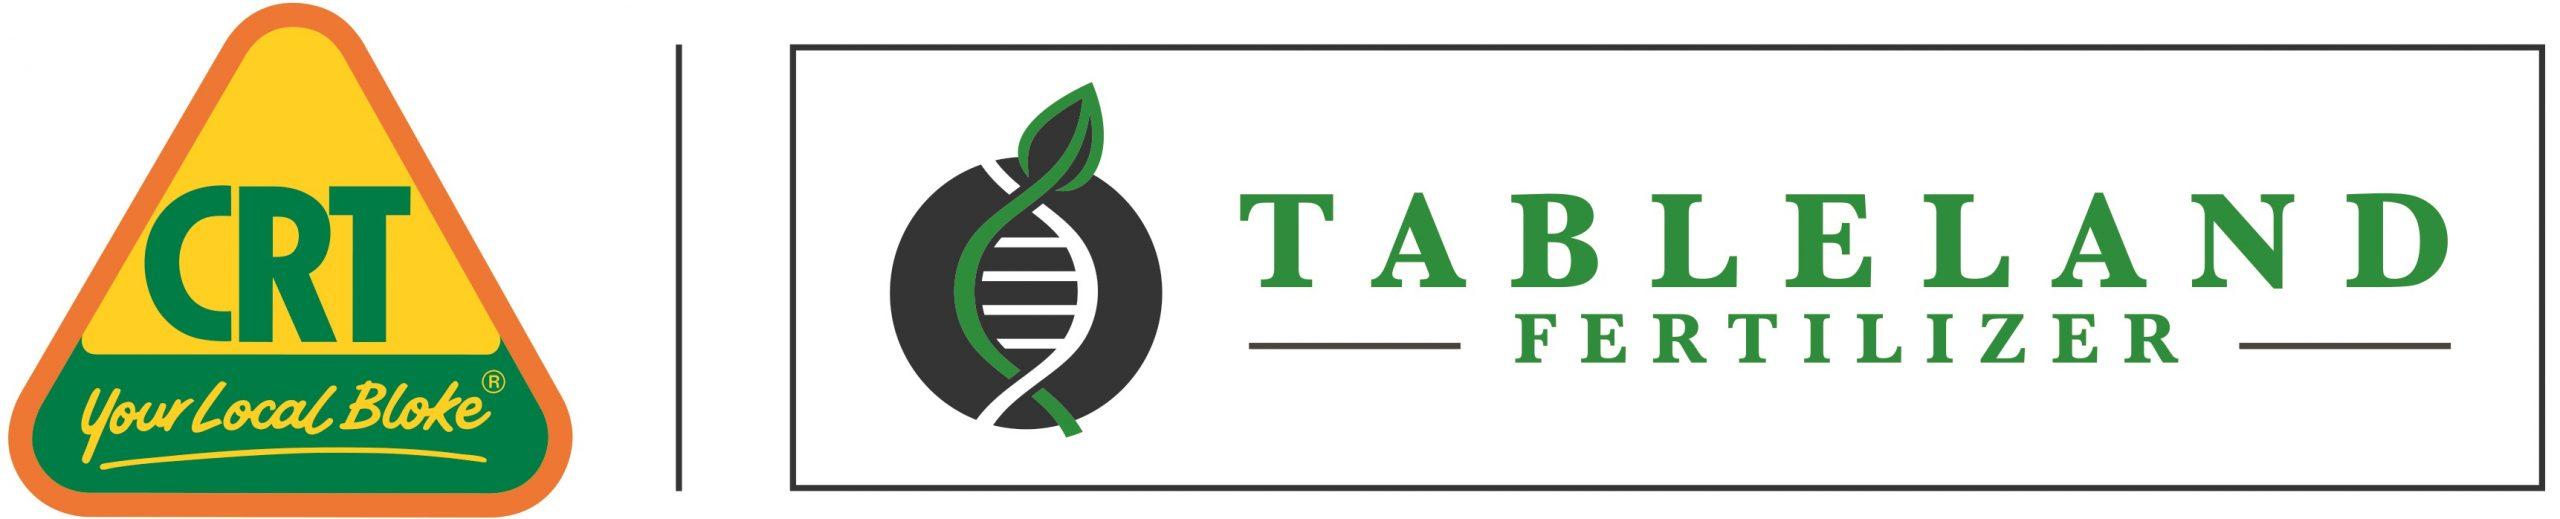 CRT - Tableland Fertilizer logo